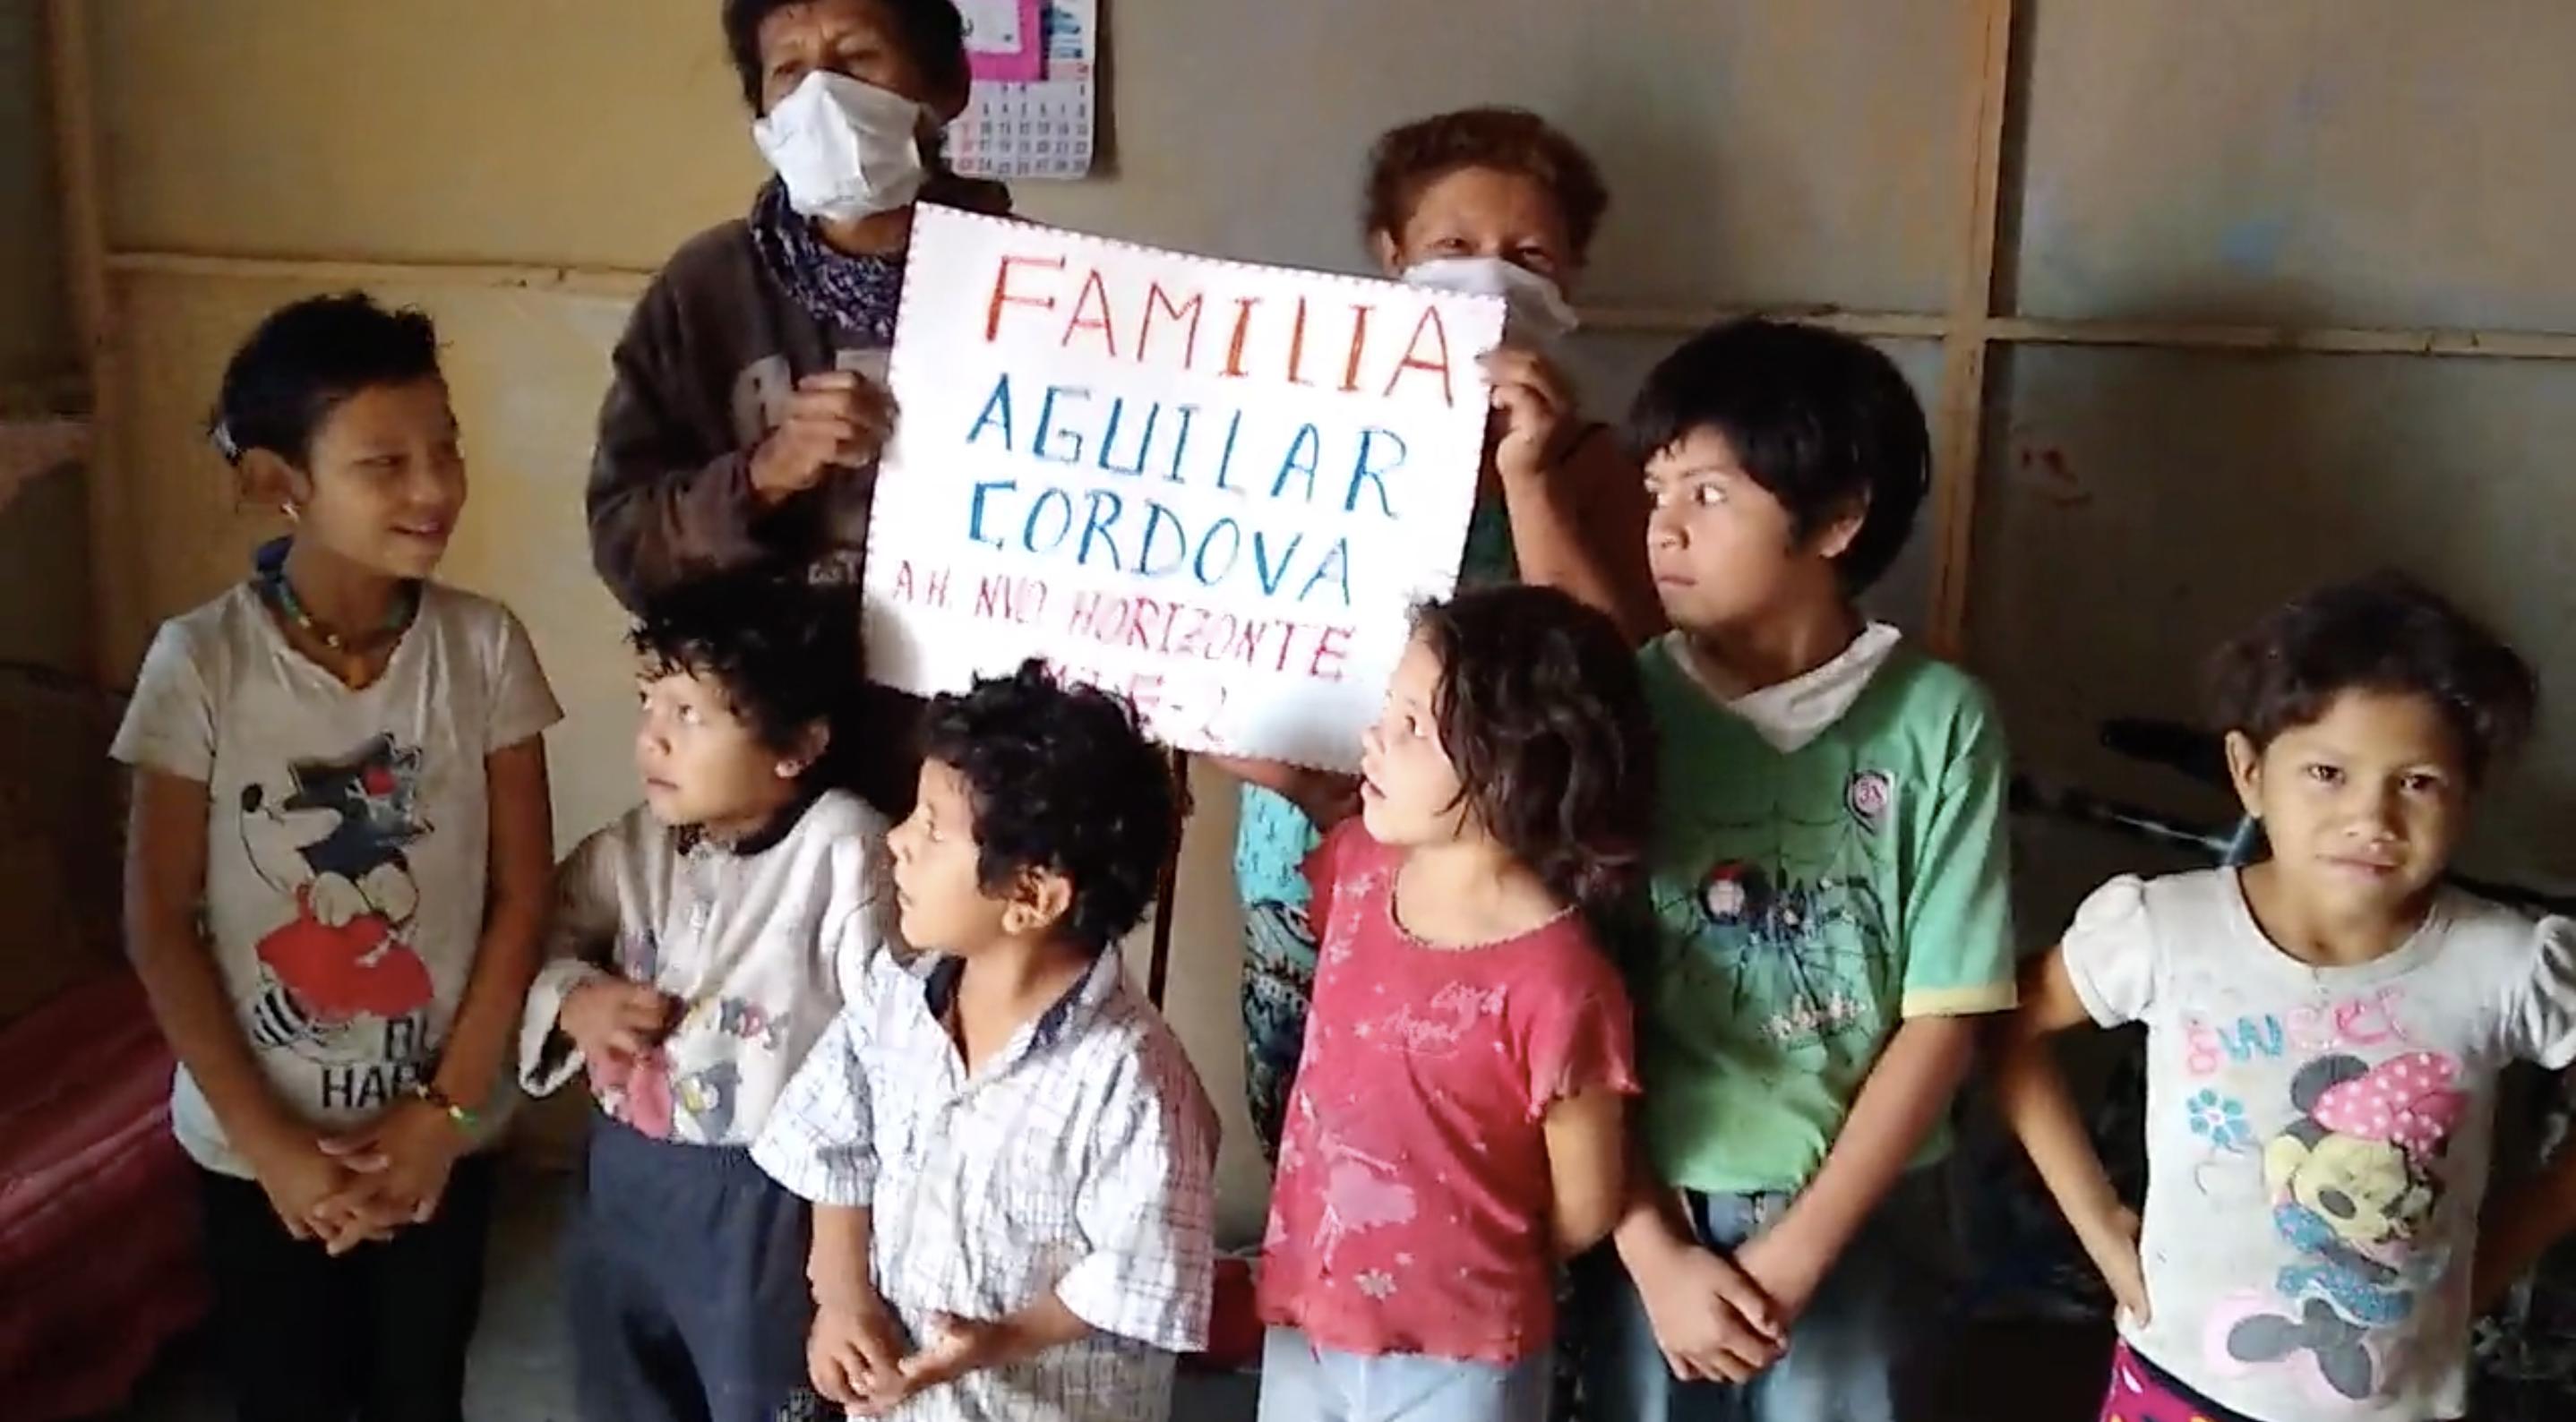 Familia Aguilar Cordova